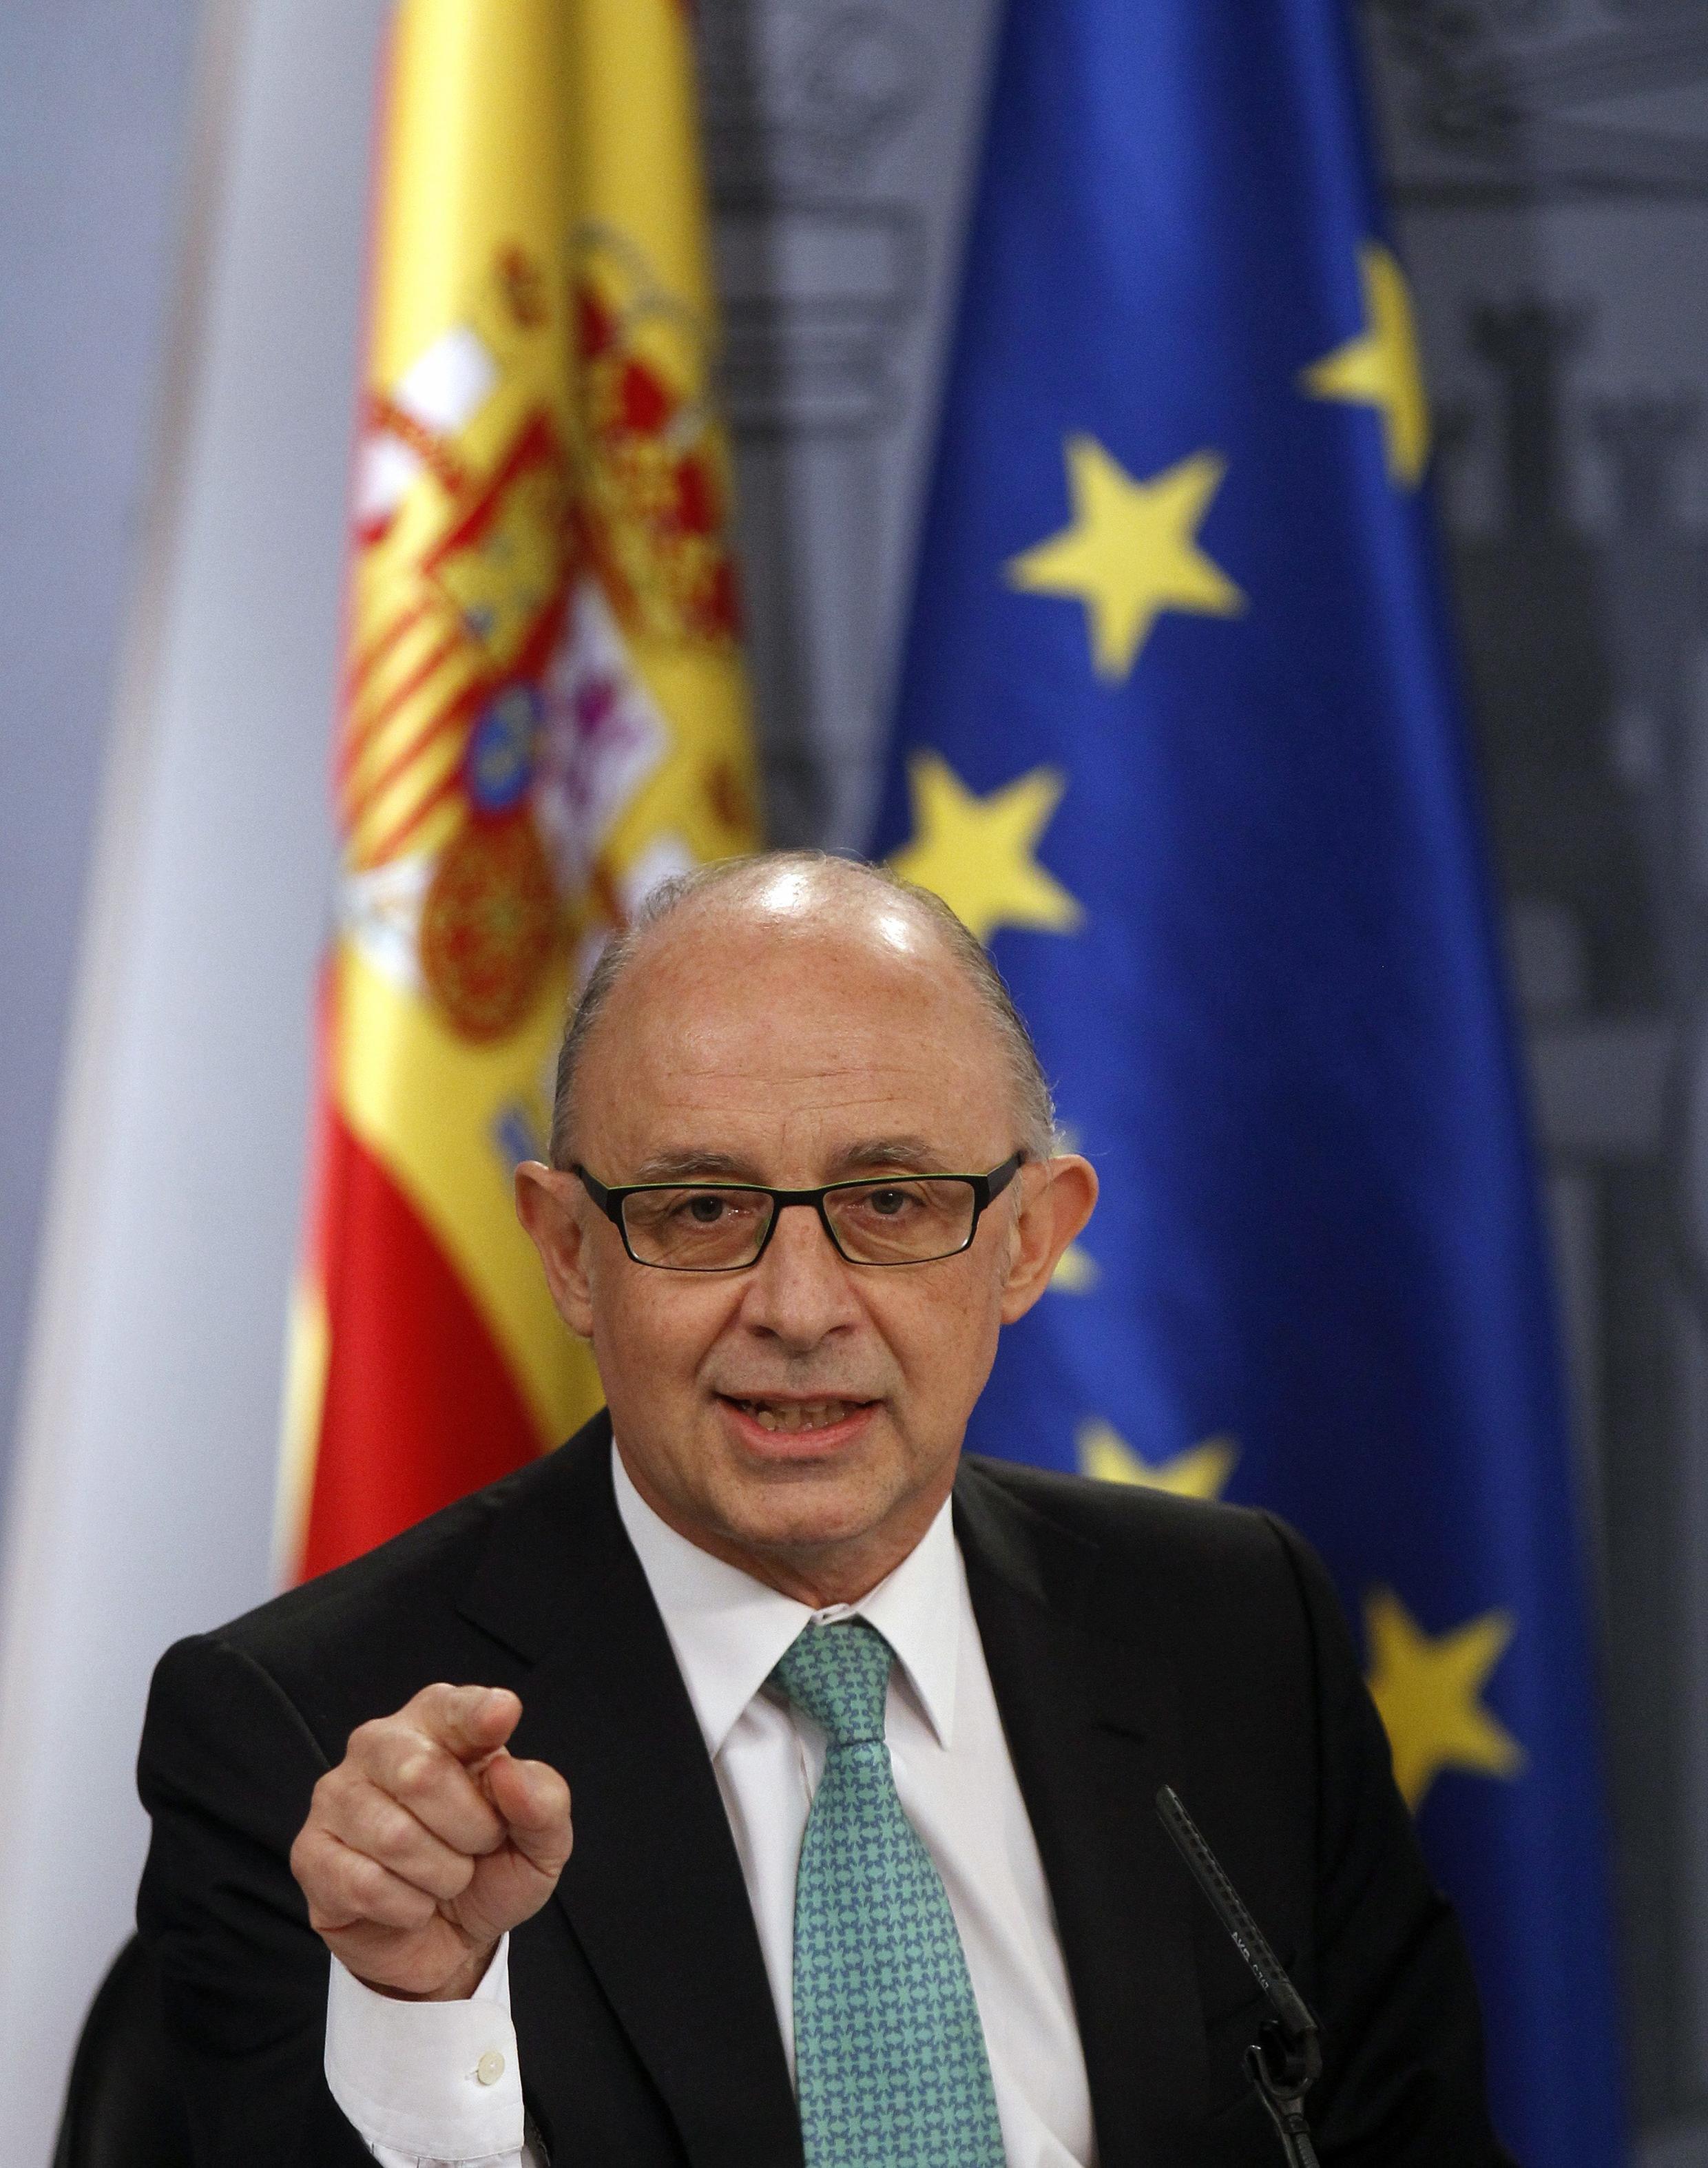 O ministro espanhol do Orçamento, Cristobal Montoro, durante entrevista coletiva, em Madri, nesta sexta-feira, 30 de março.